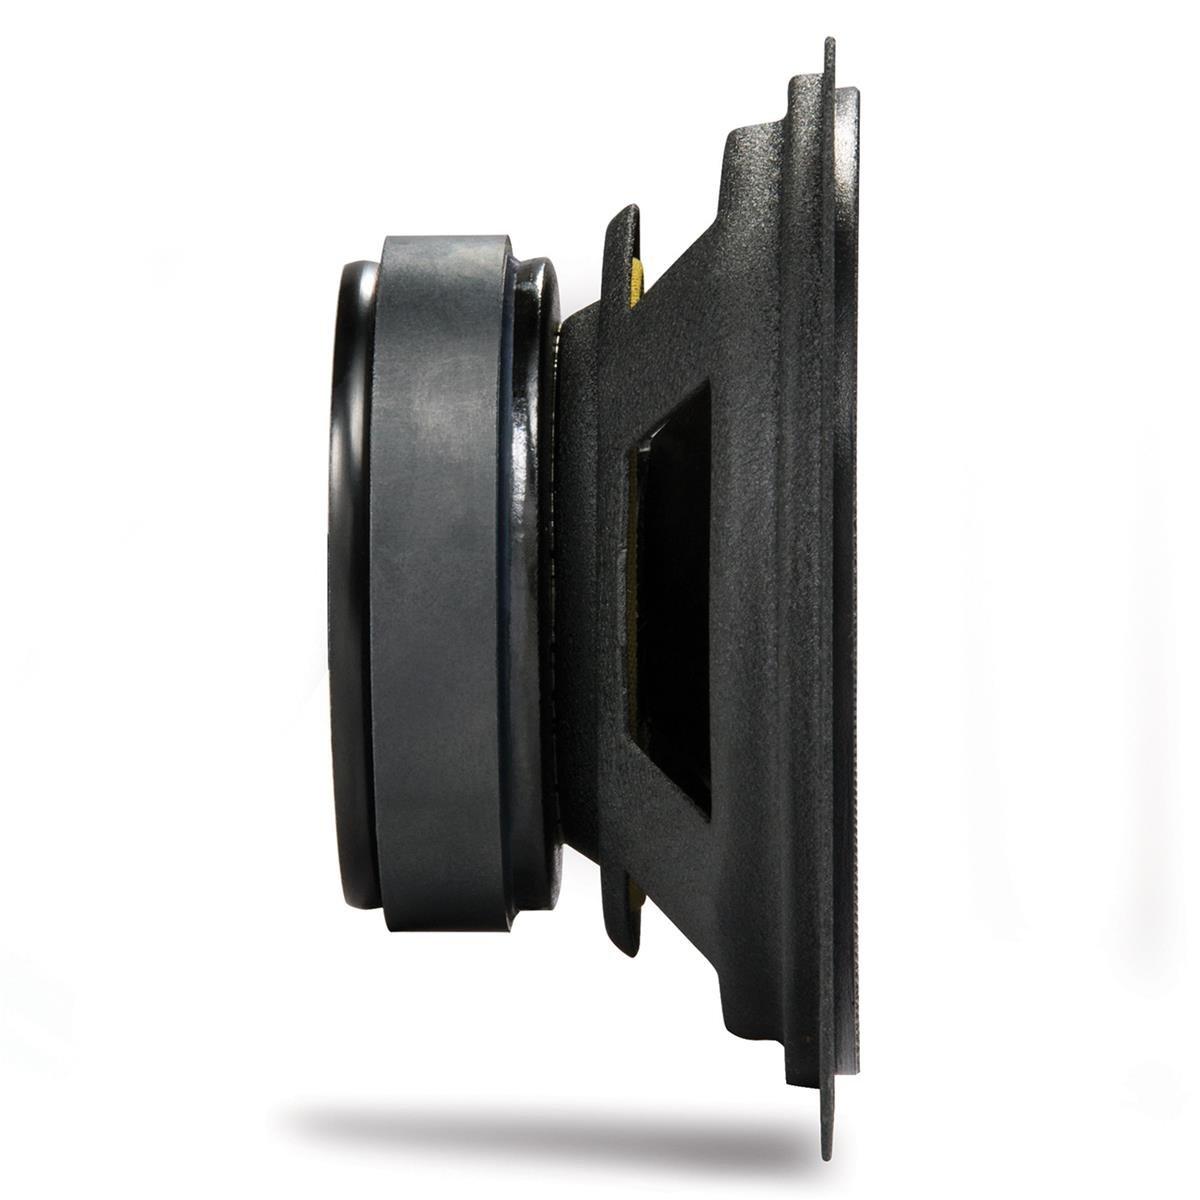 Kicker 43DSC4604 4x6 2-way Speaker Pair by Kicker (Image #8)